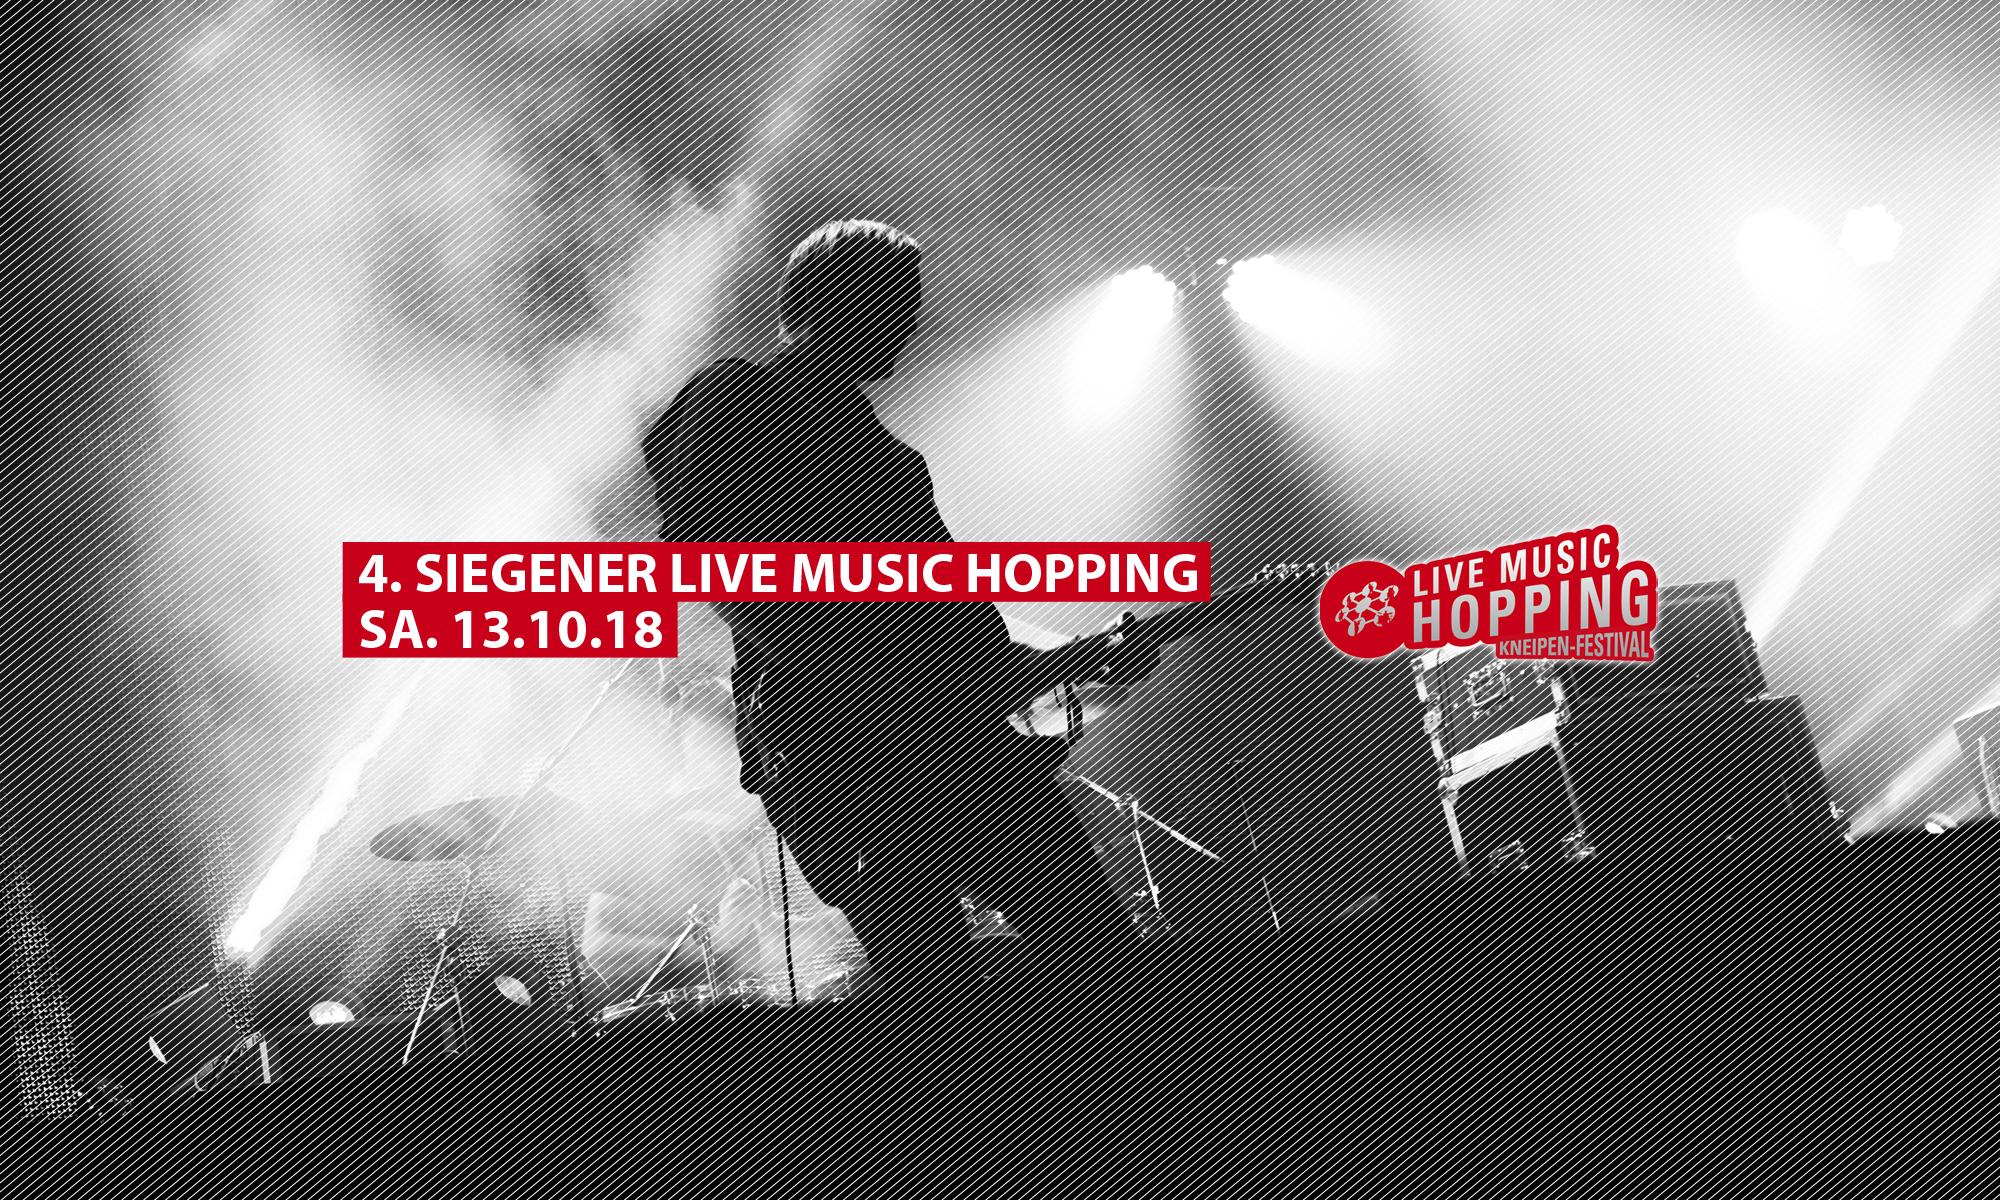 4. Siegener Live Music Hopping